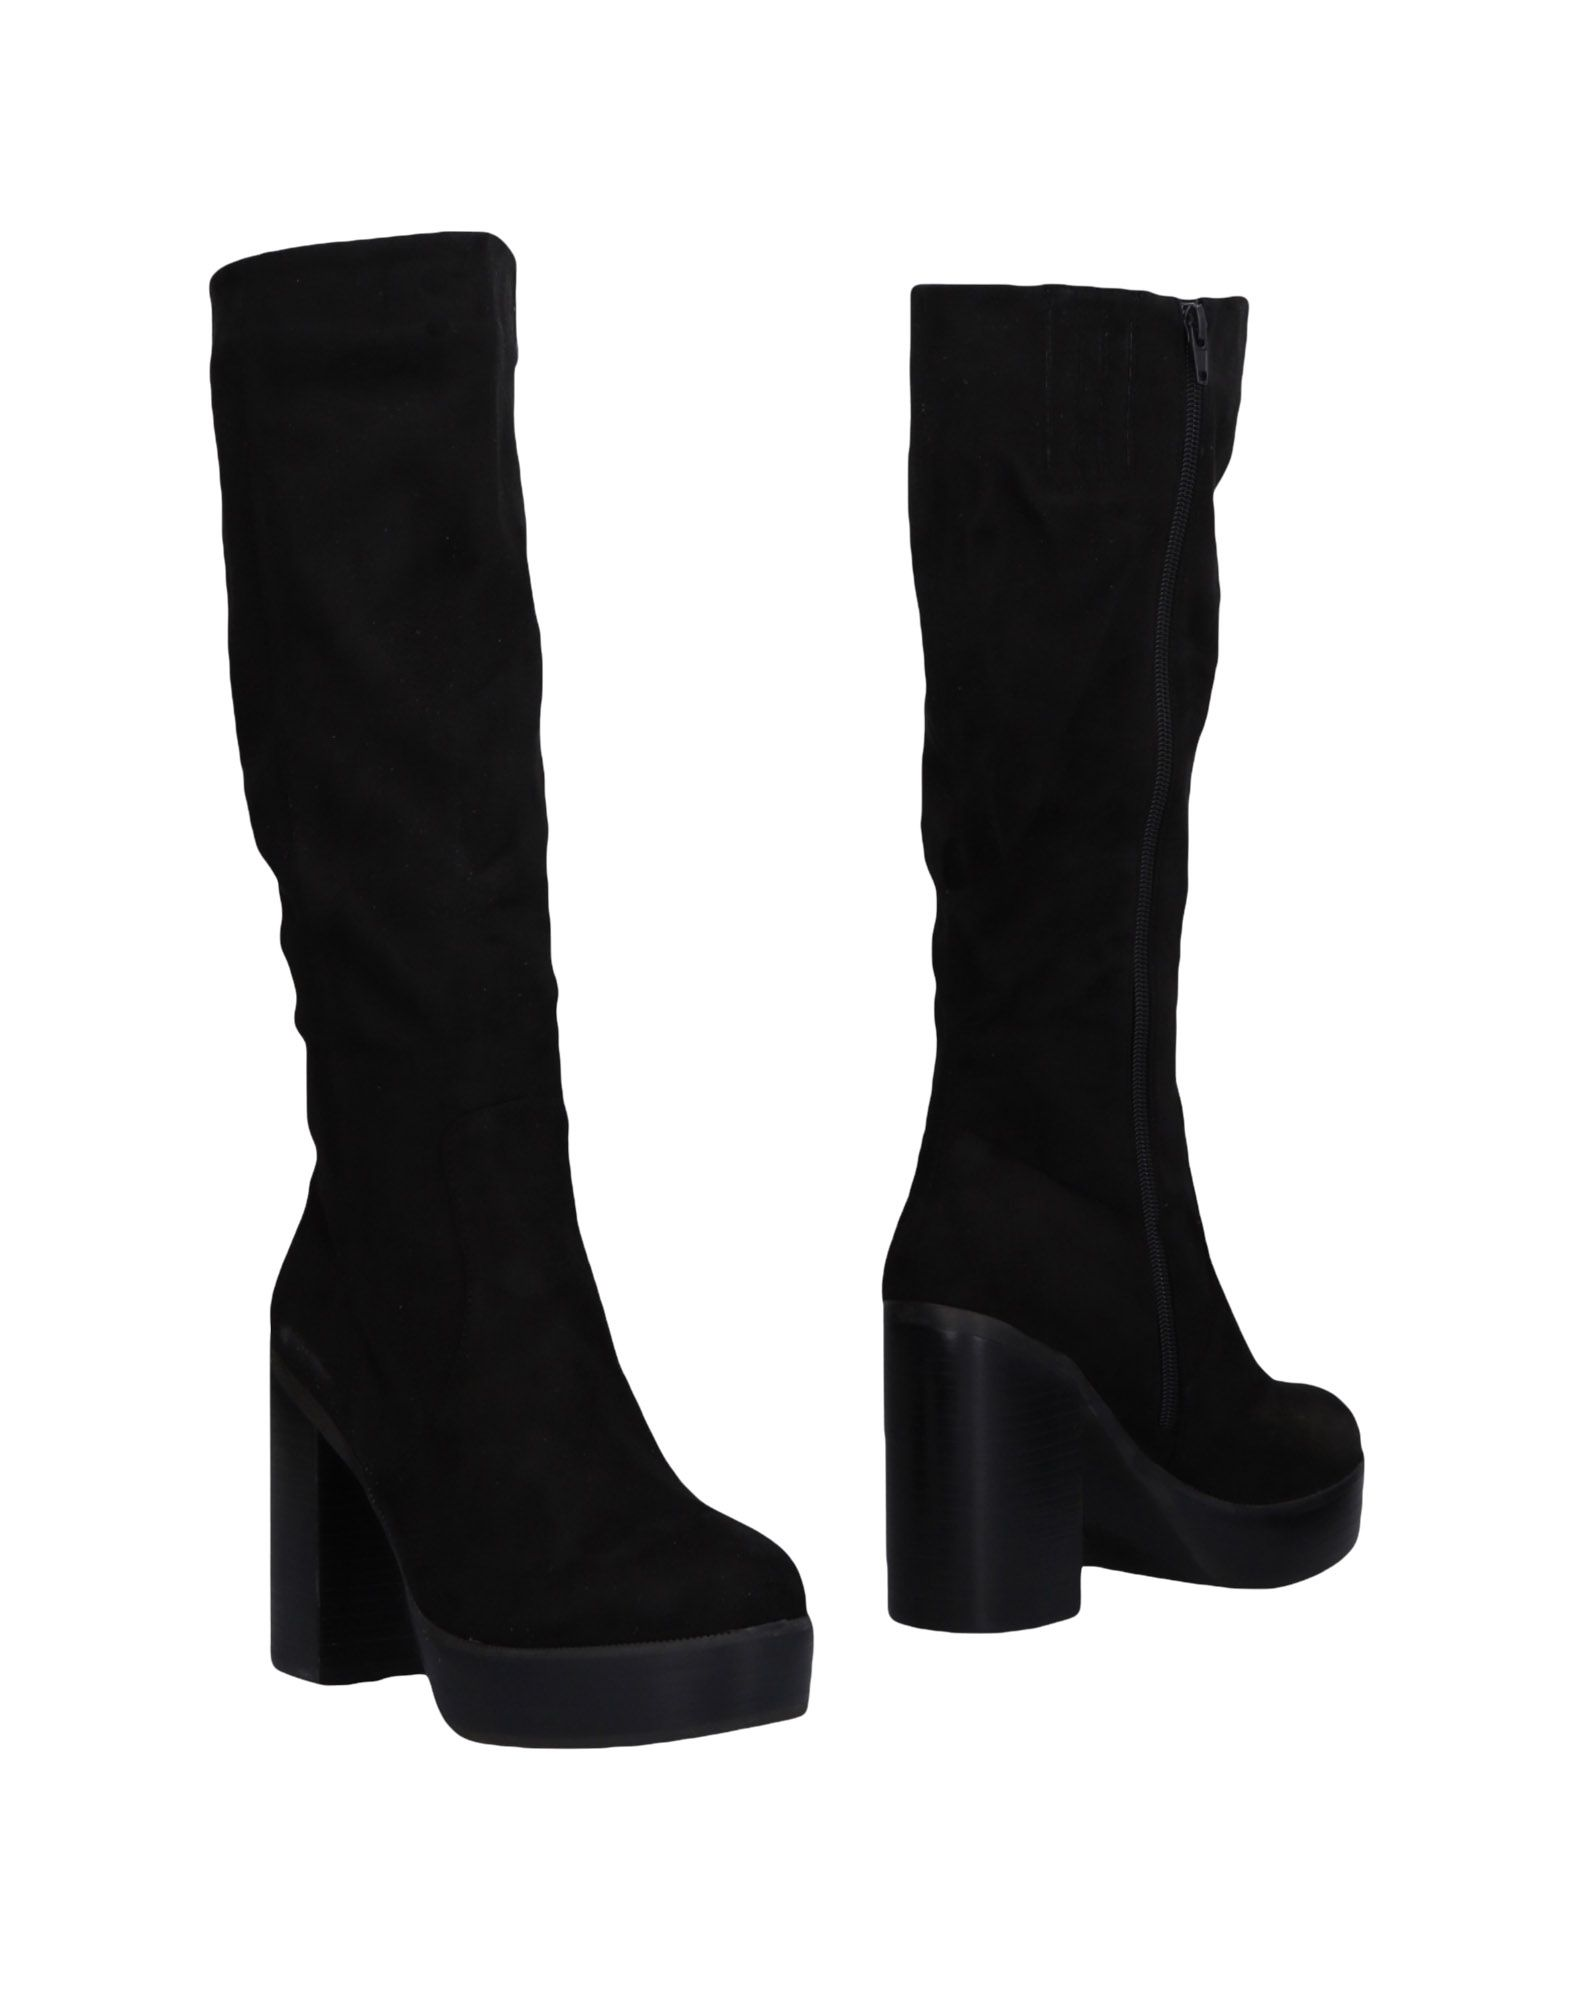 Police 883 Stiefel Damen  11475575DM Gute Schuhe Qualität beliebte Schuhe Gute 17c63b